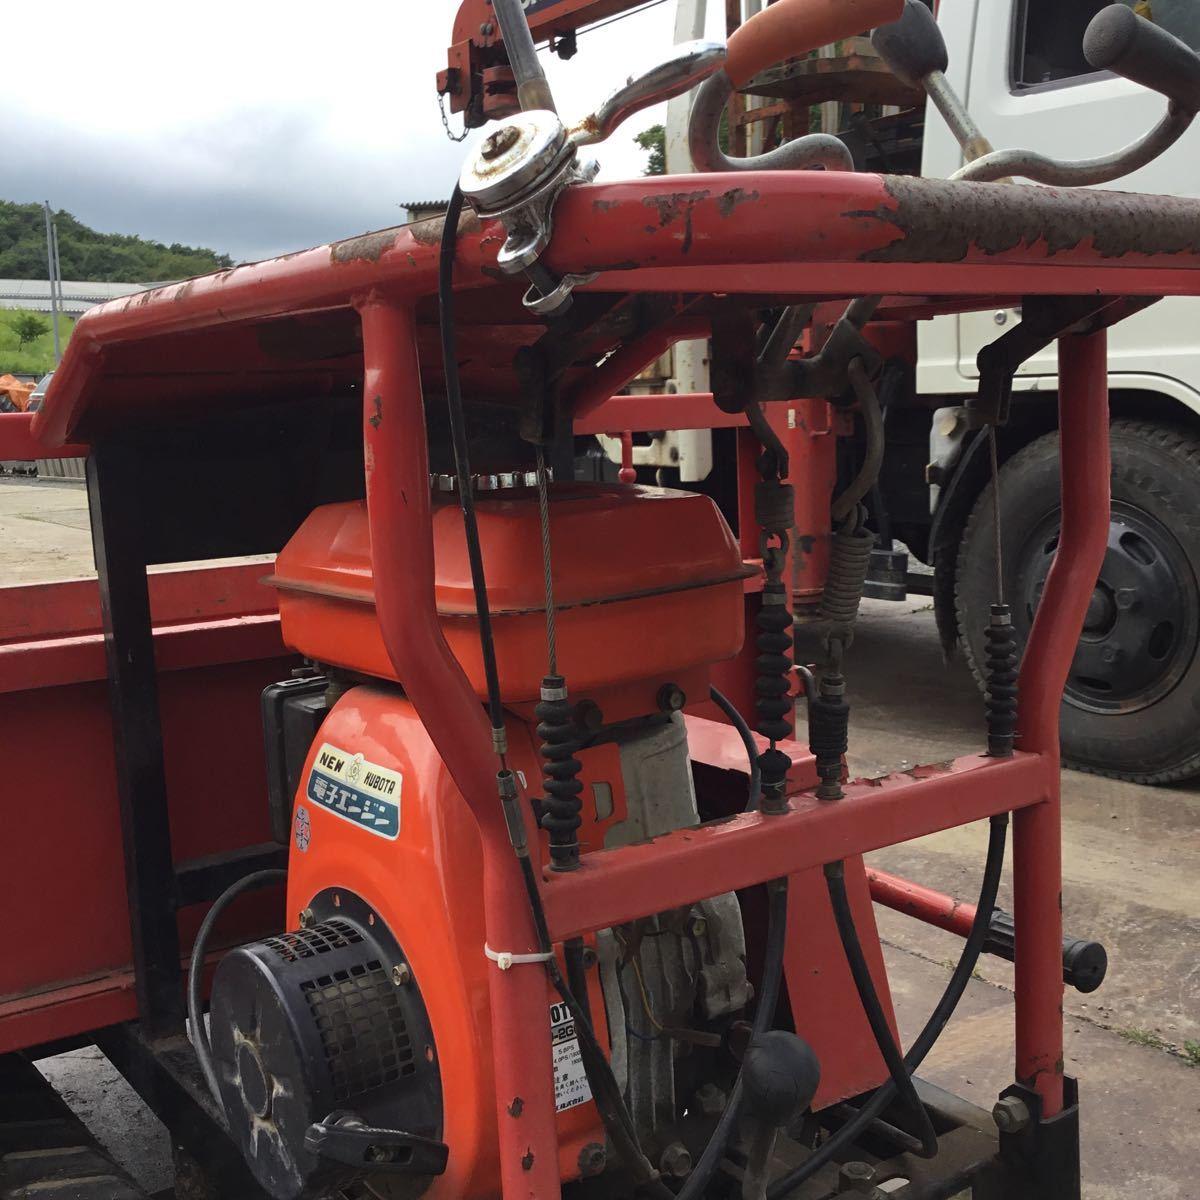 サンワ車輌 ミニクロ M1000 運搬車 最大積載量400キロ クボタガソリンエンジン 動作確認済み クローラ難有り 格安_画像10